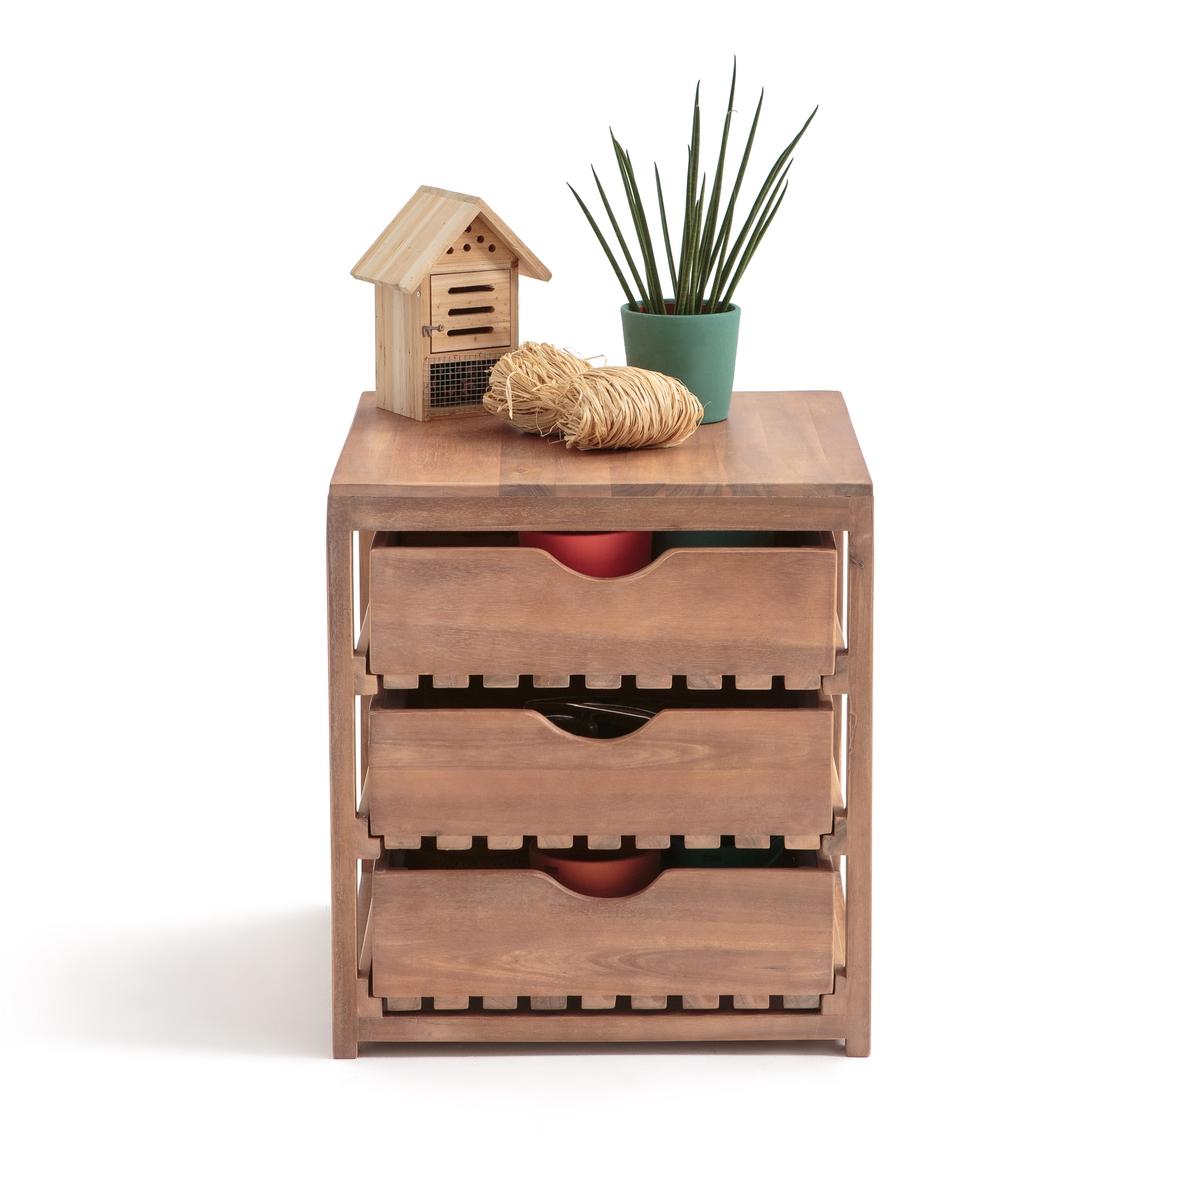 Мебель для хранения вещей на улице из акацииFSC* CALEB стол для сада из акации fsc caleb